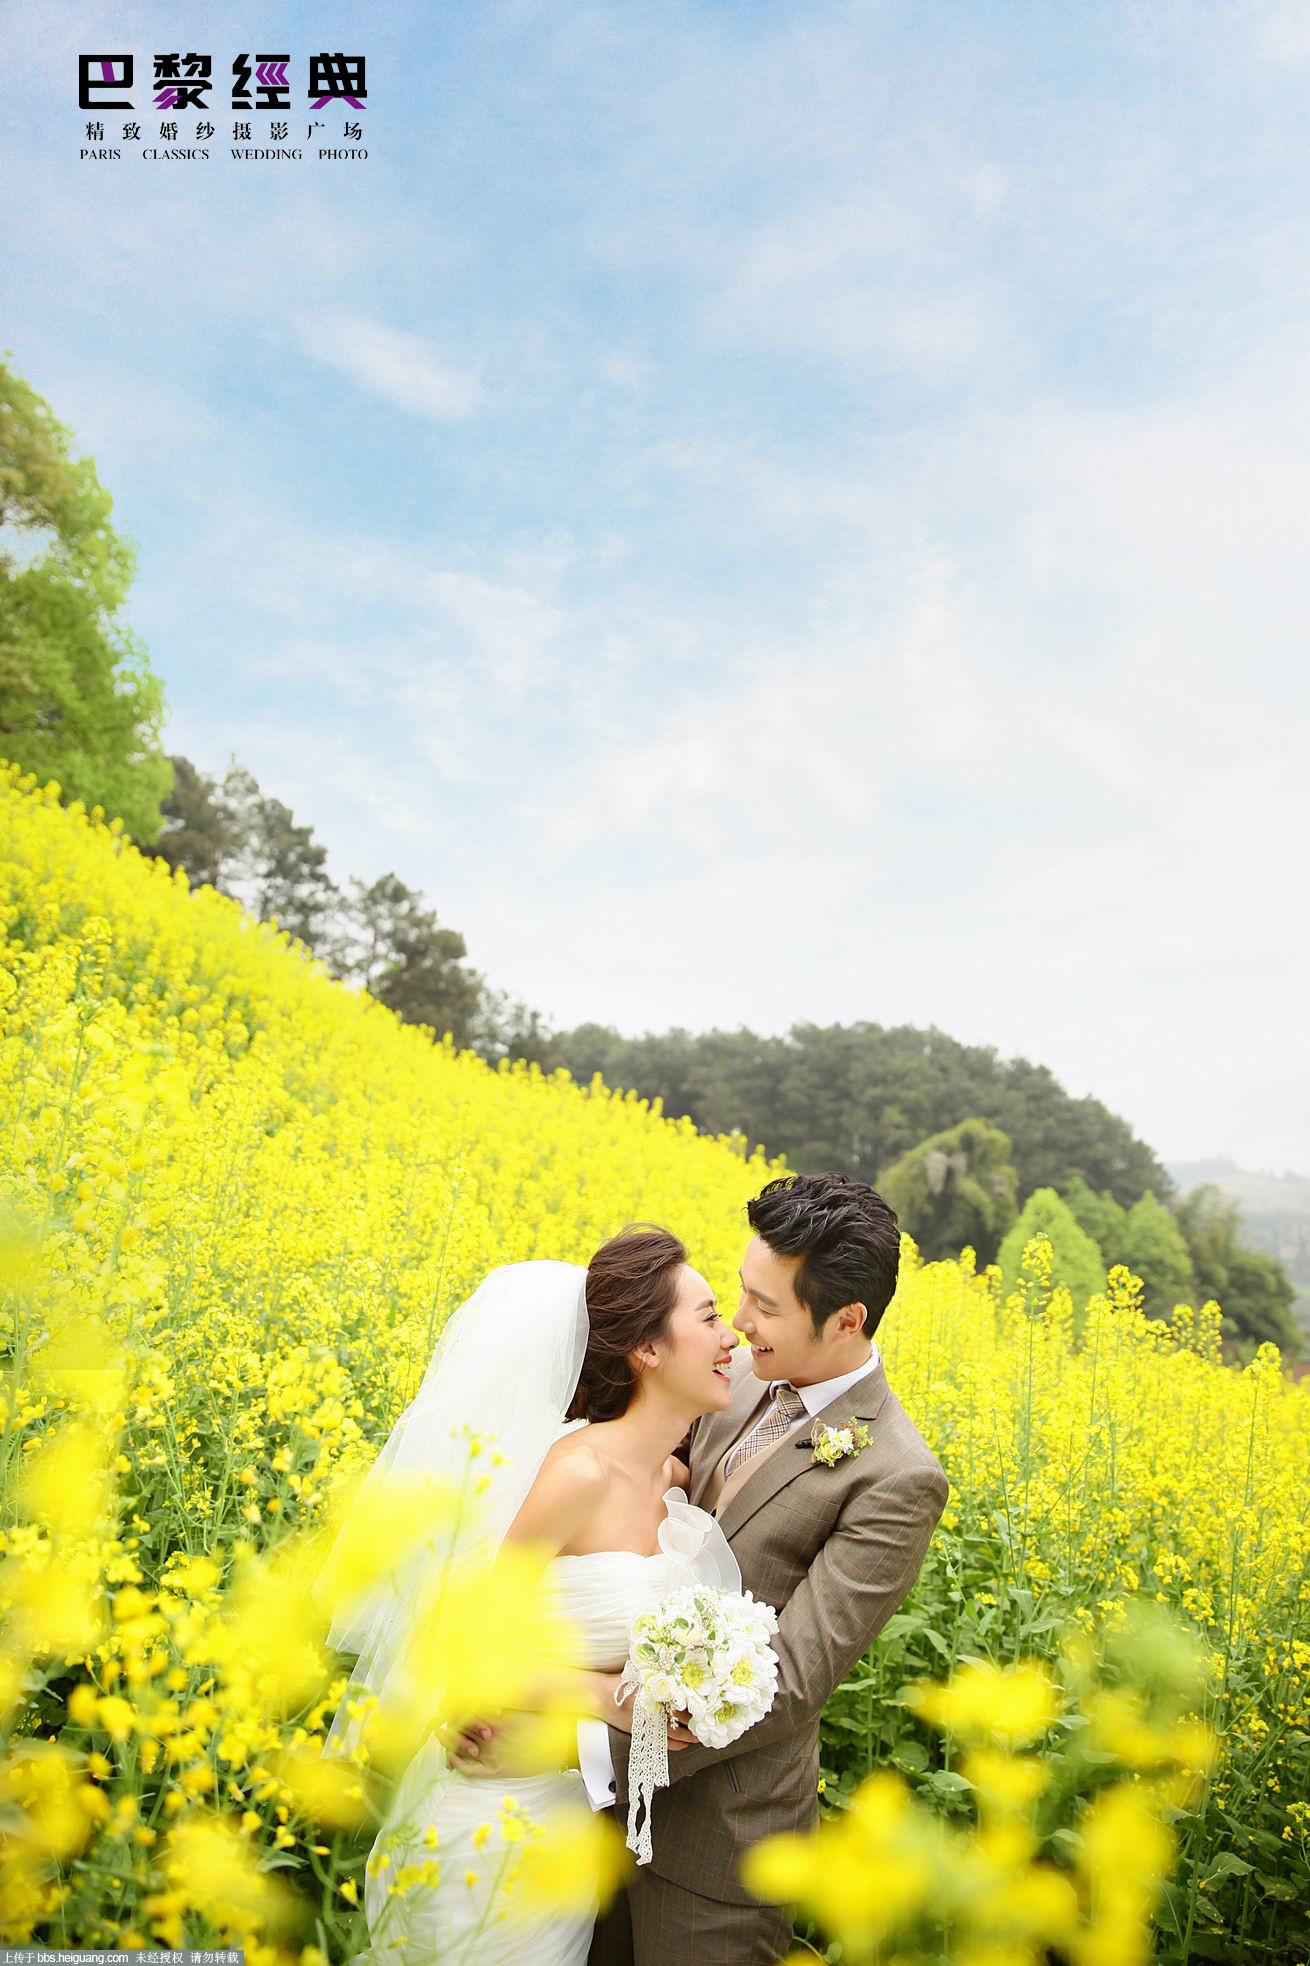 重庆巴黎经典婚纱摄影-样片欣赏